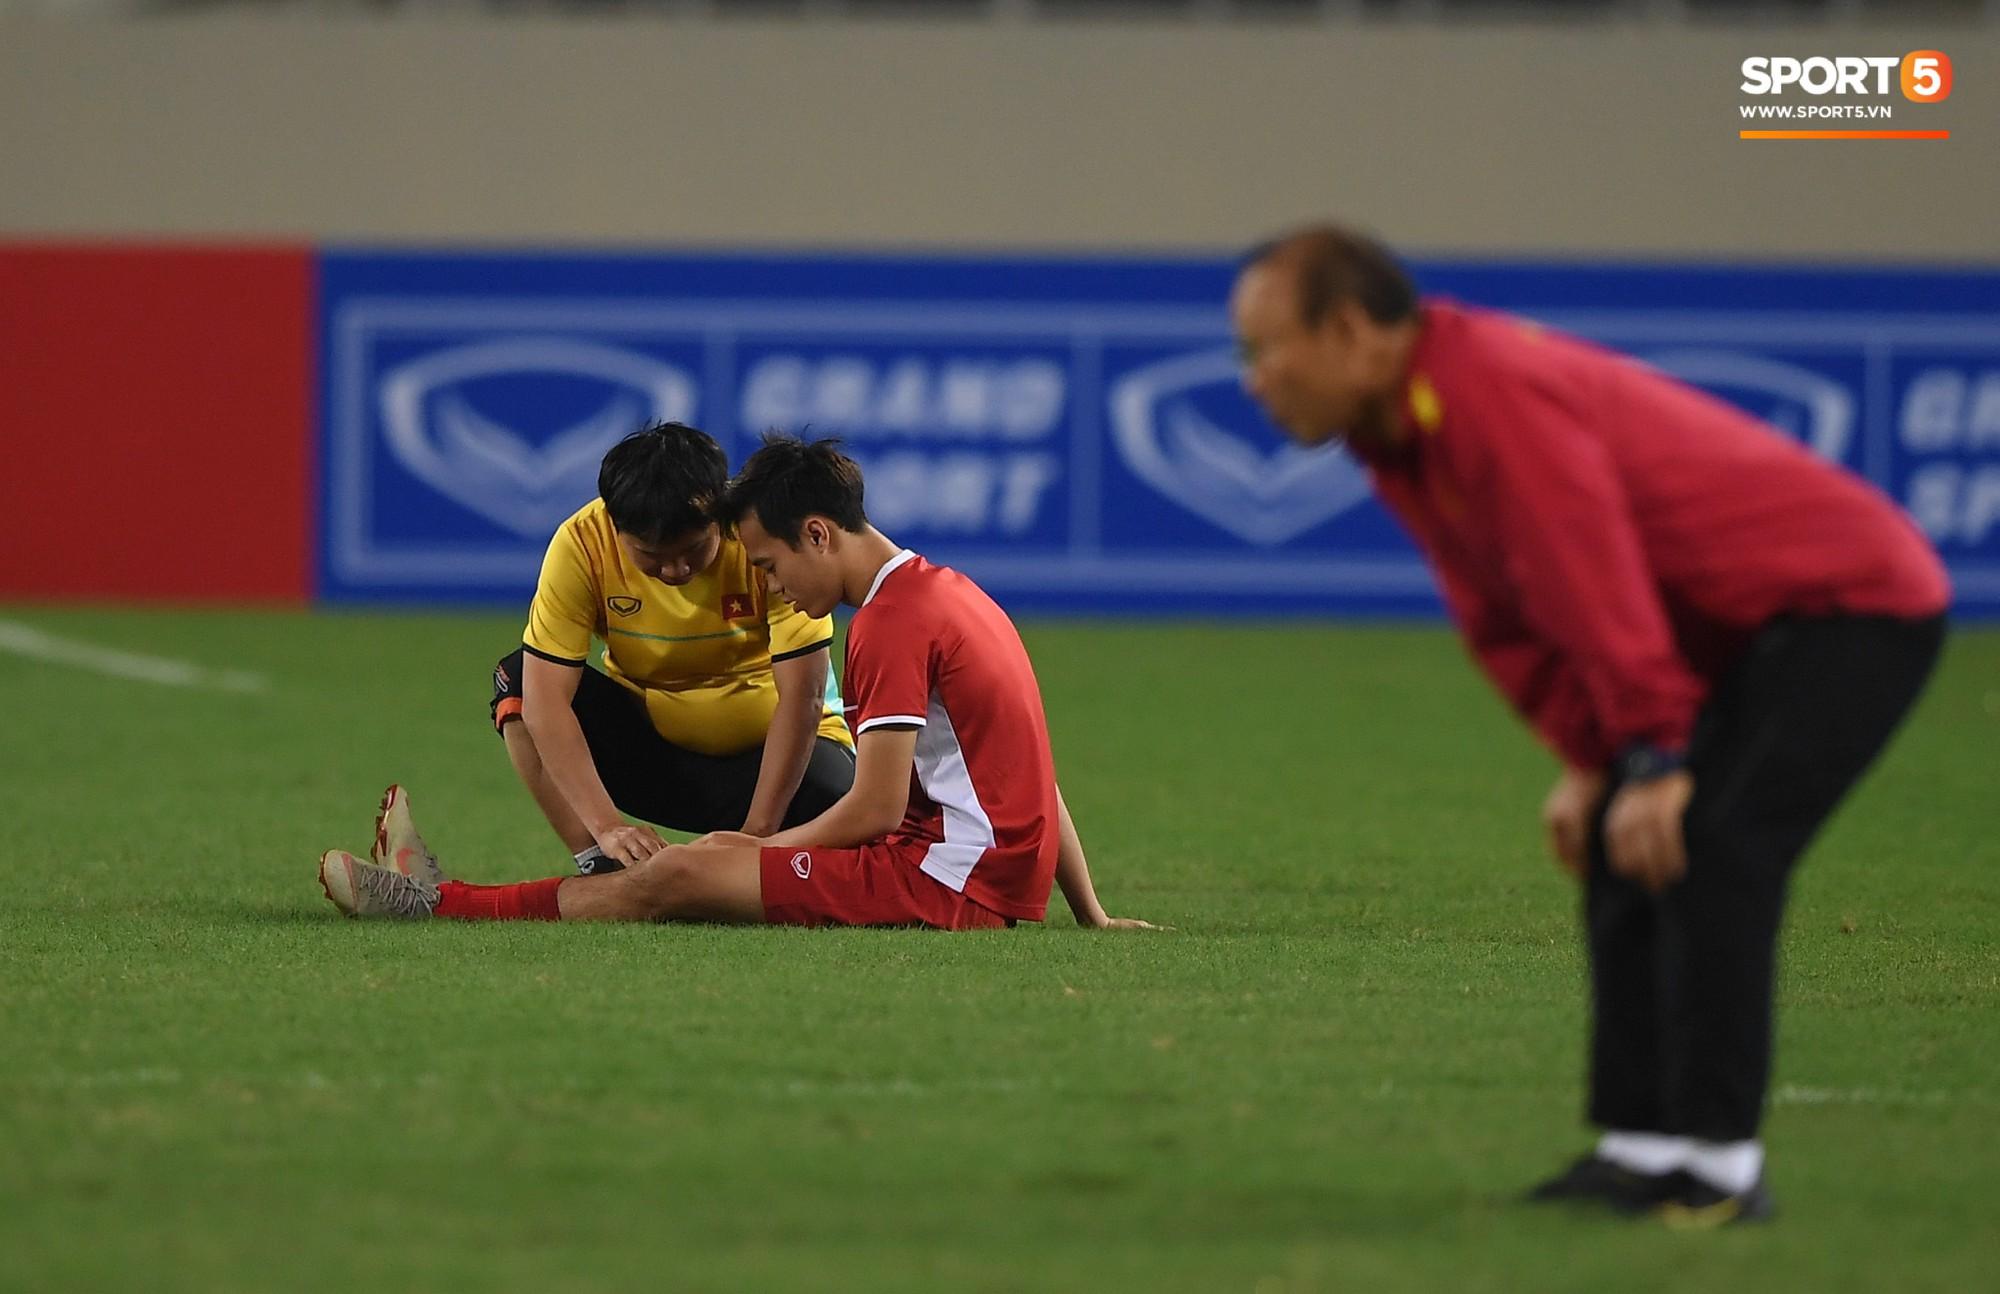 Bác sỹ Nguyễn Anh Tuấn vừa tập luyện, vừa trò chuyện và thỉnh thoảng kiểm tra đầu gối của Toàn.